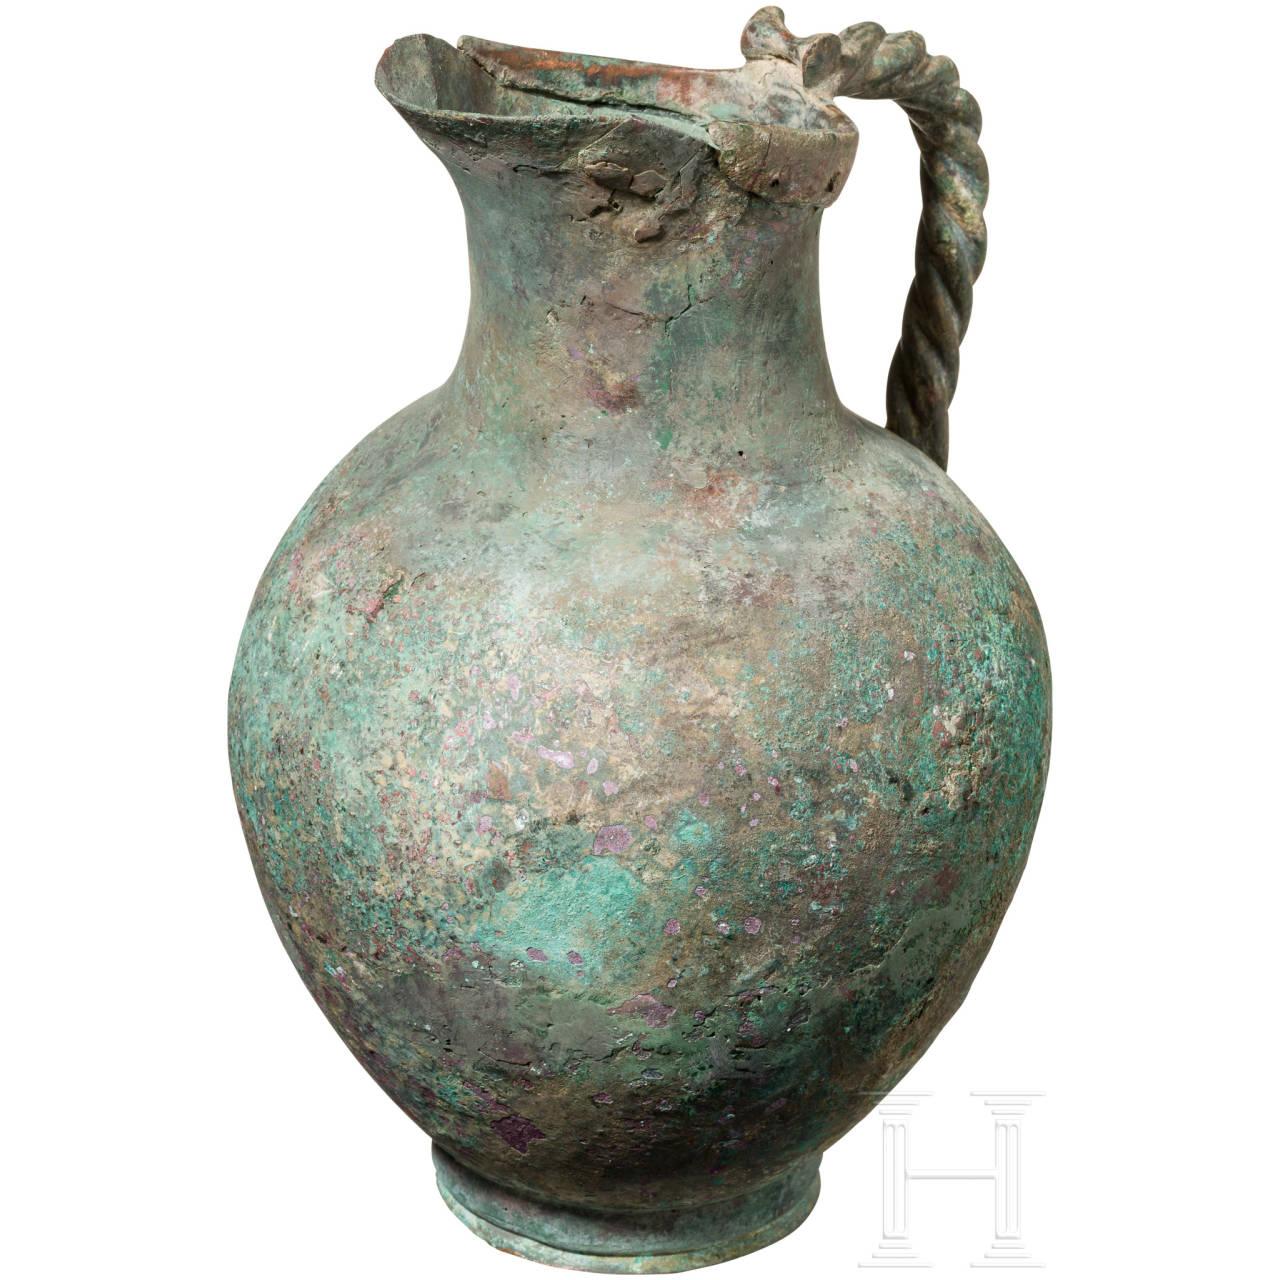 Bronzekanne, Griechenland, 5. Jhdt. v. Chr.